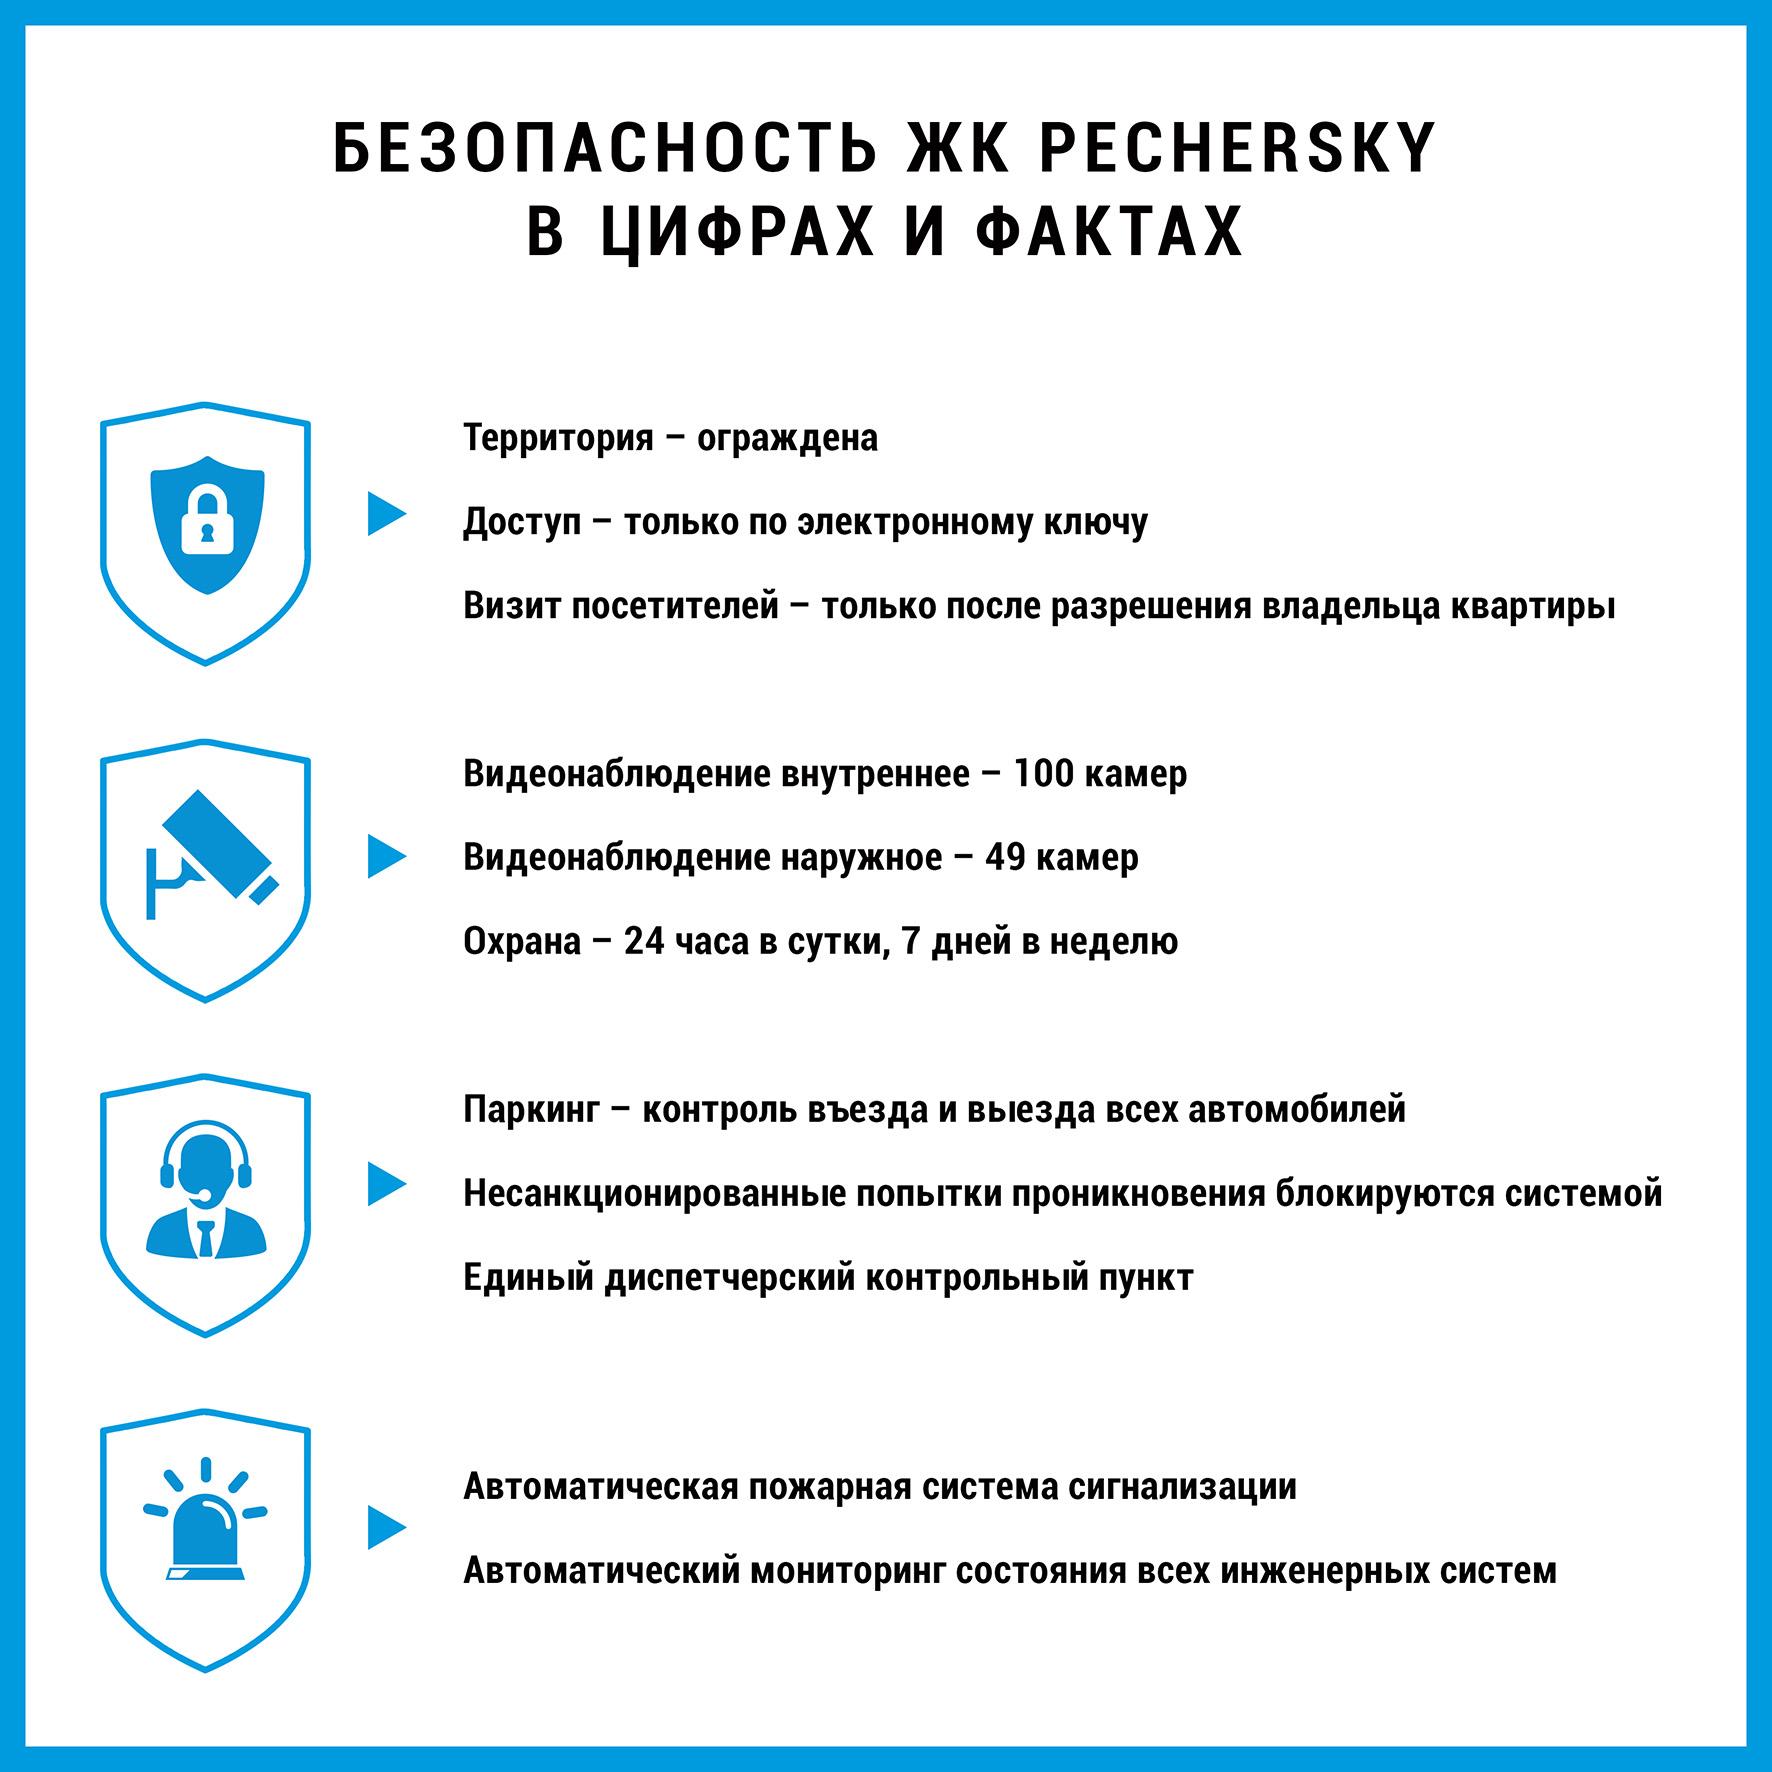 """Жилой комплекс PecherSKY получил награду конкурса """"Жилье - 2016"""""""